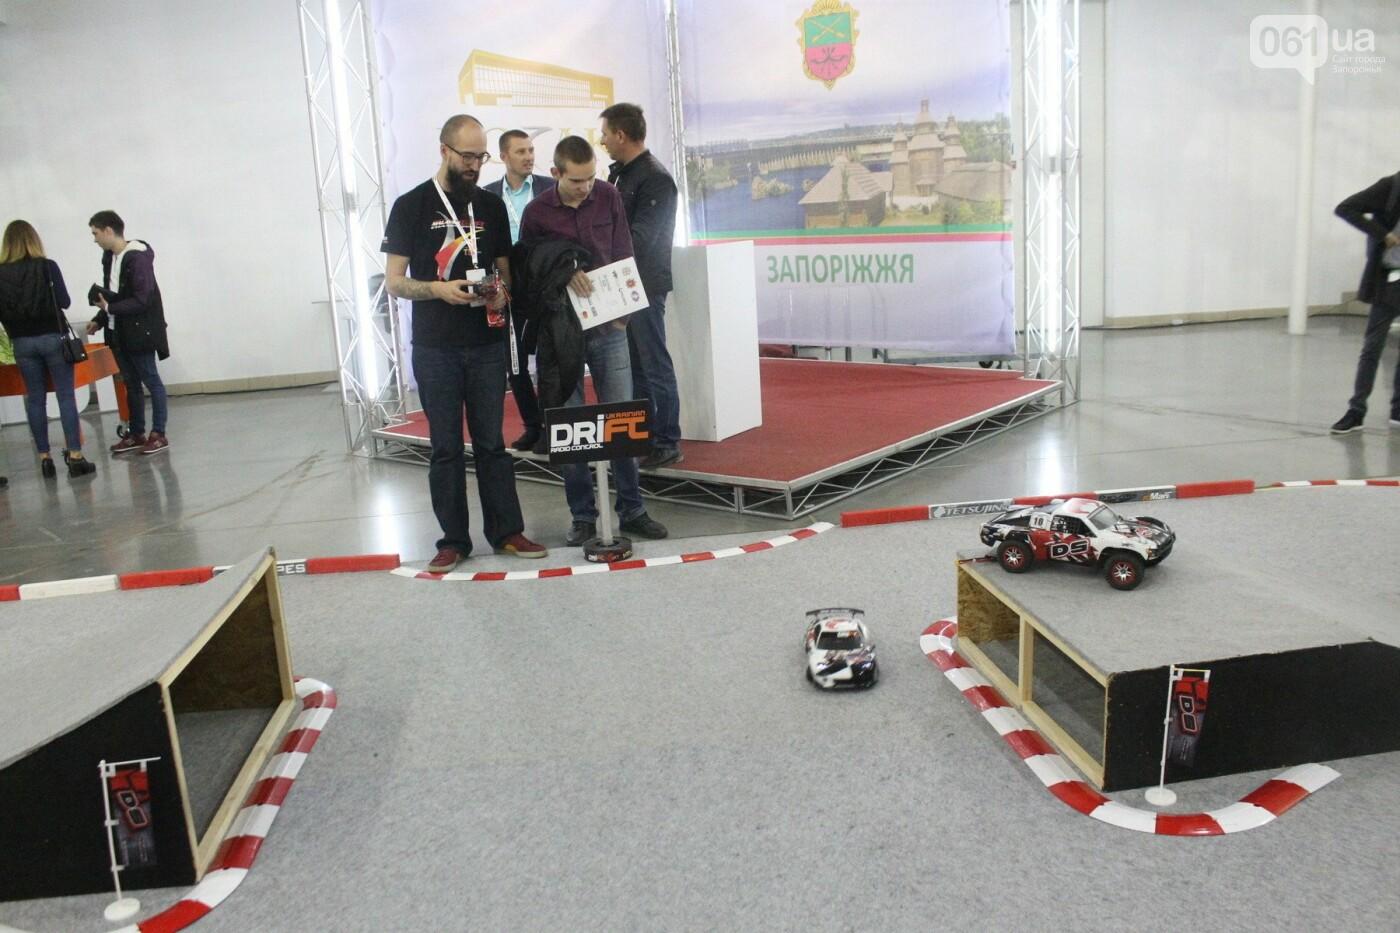 Роботы, киберспорт и спикеры-иностранцы: в Запорожье начался International IT Forum, – ФОТОРЕПОРТАЖ, фото-31